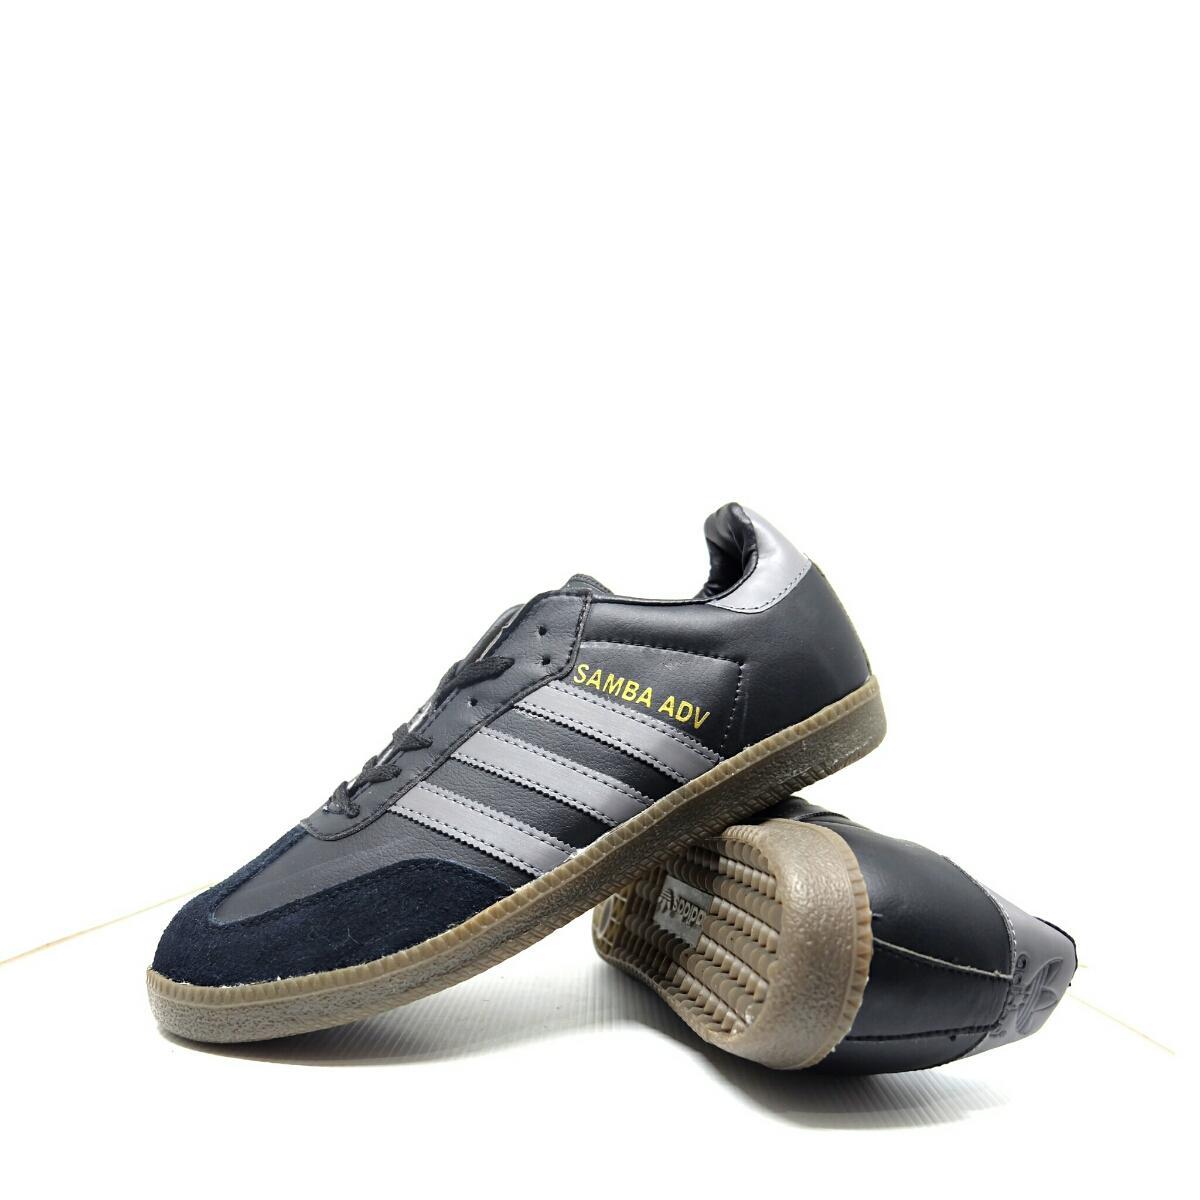 Sepatu Adidas Samba Sepatu Kasual Pria Sneakers Termurah